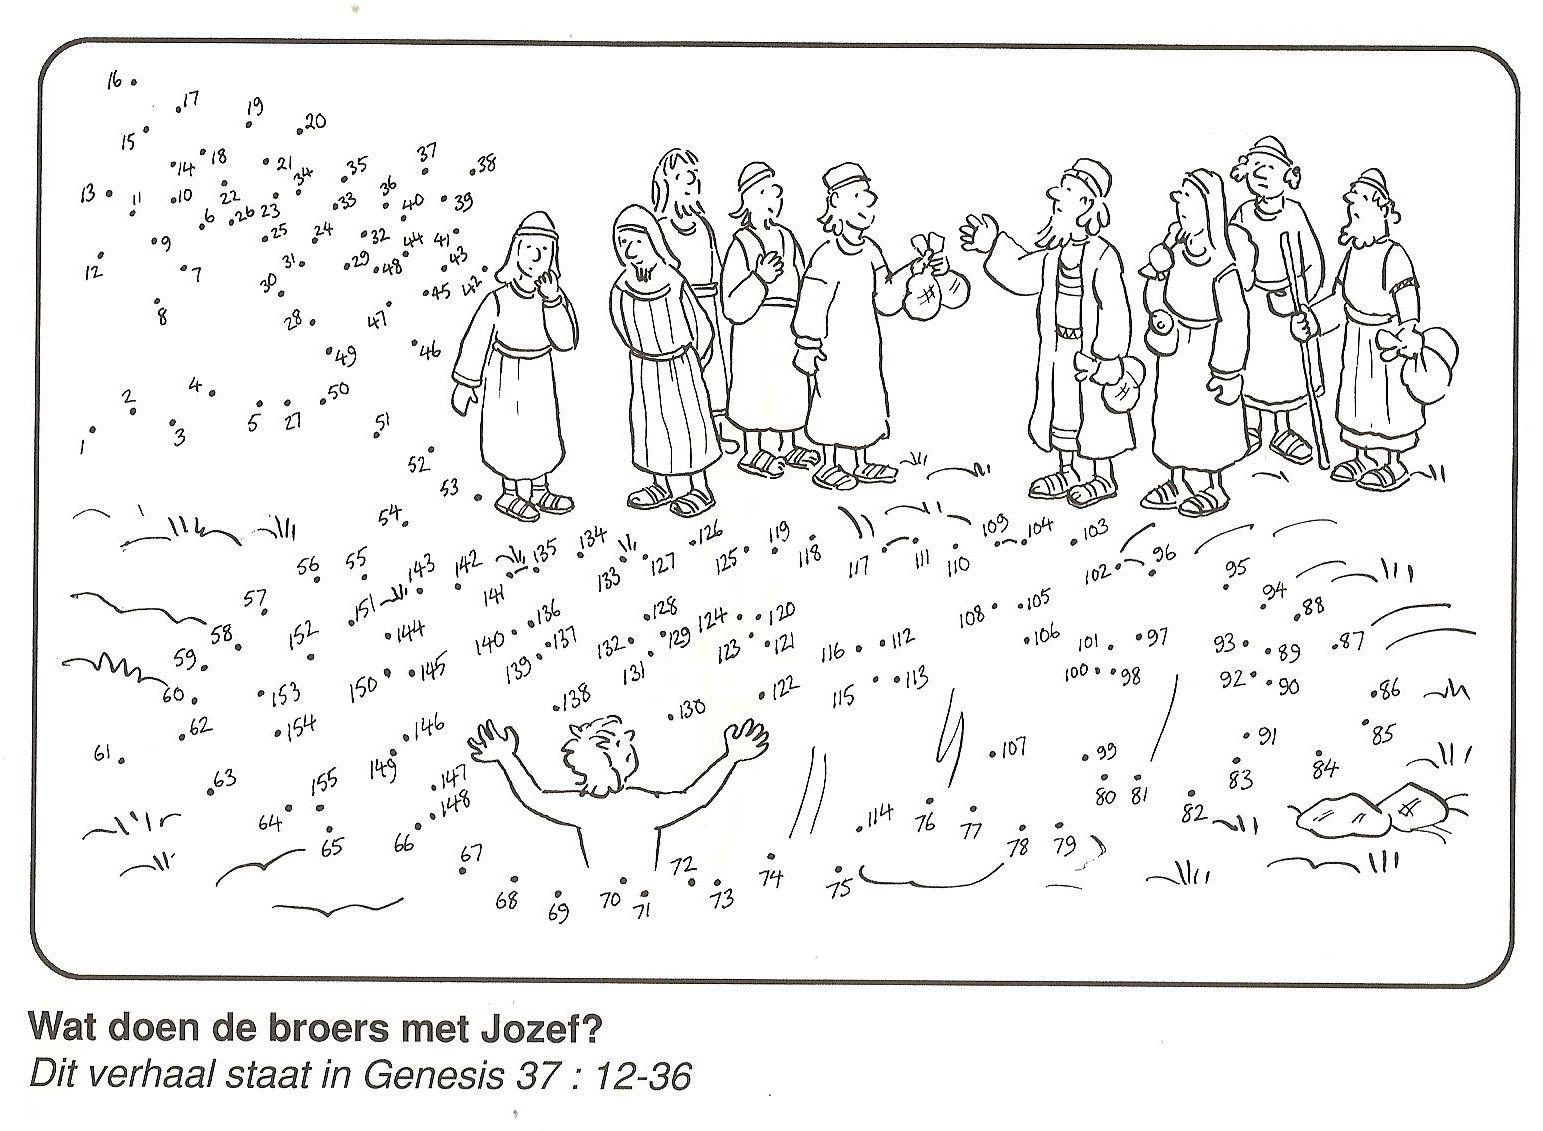 Wat Doen De Broers Met Jozef Van Stip Naar Stip